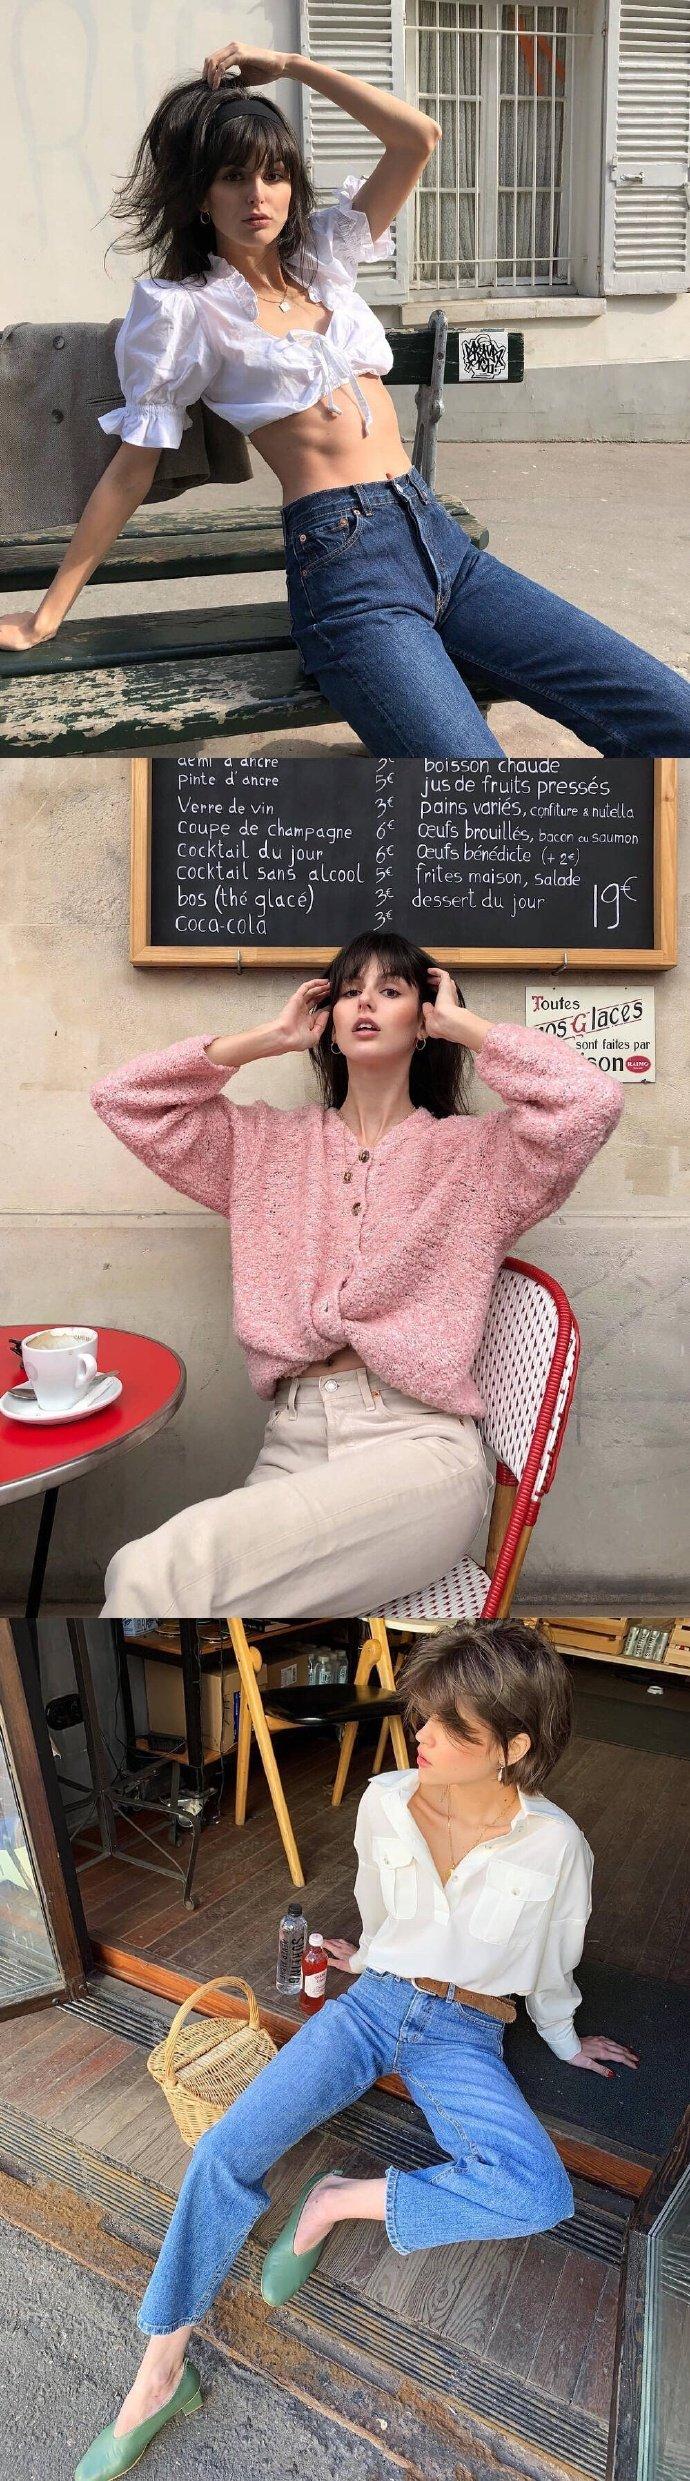 法国博主的私服日常舒适浪漫的法式风情穿搭合集